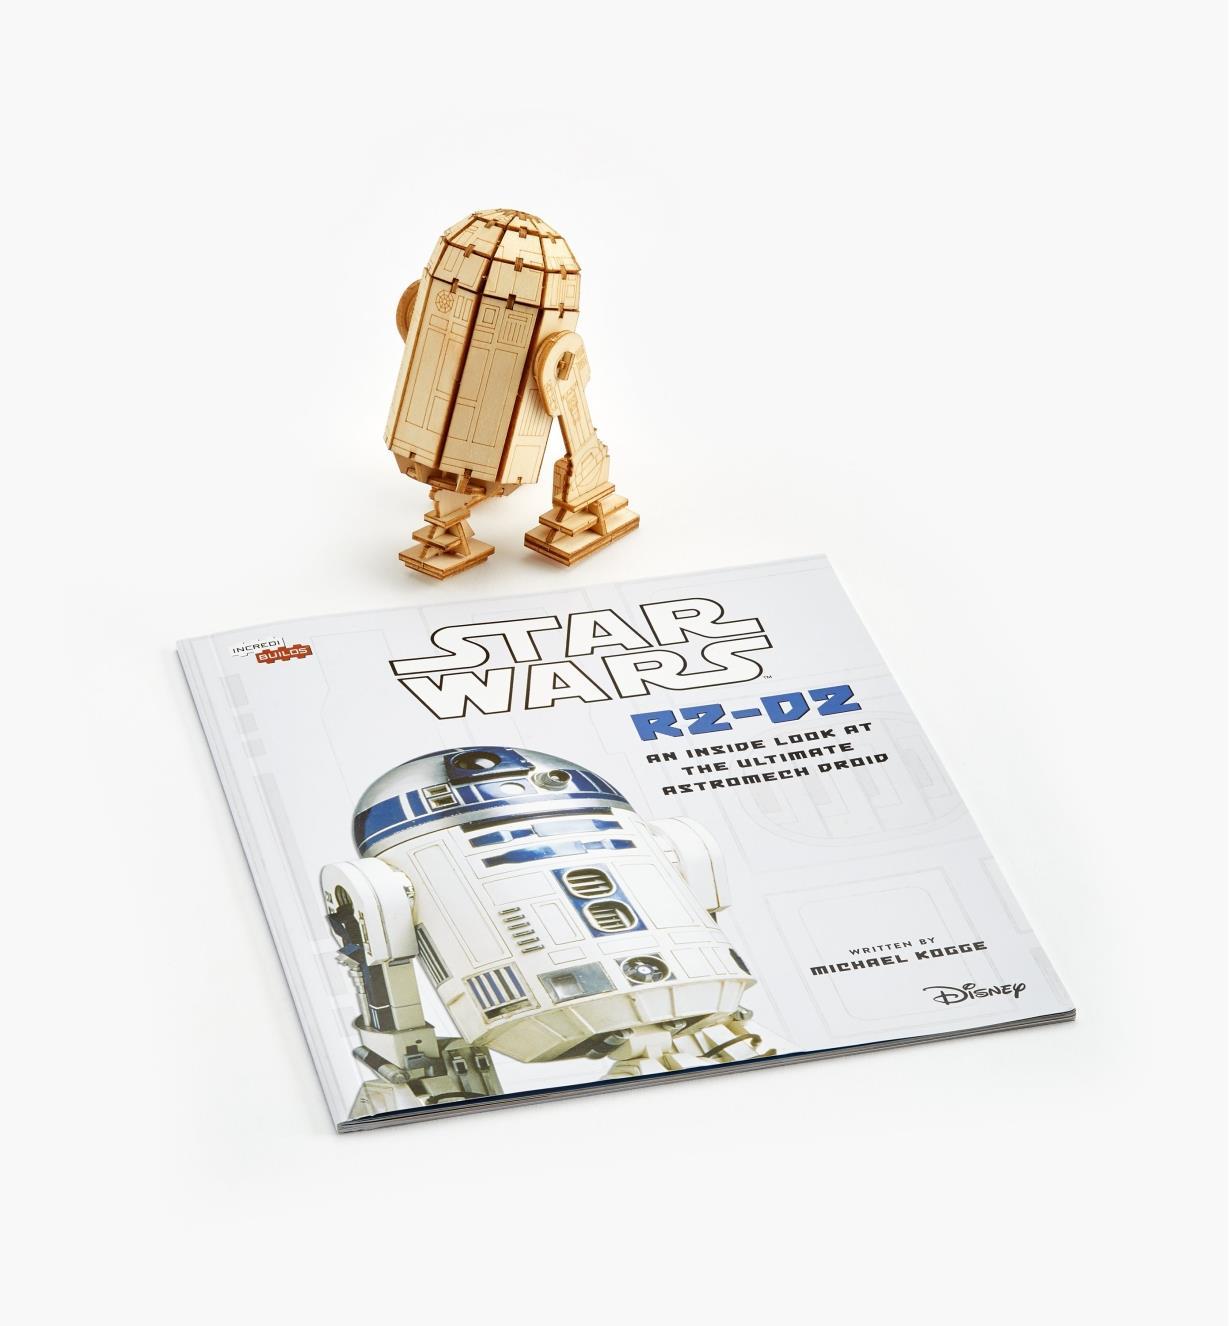 45K5038 - R2-D2 Wooden Model Kit